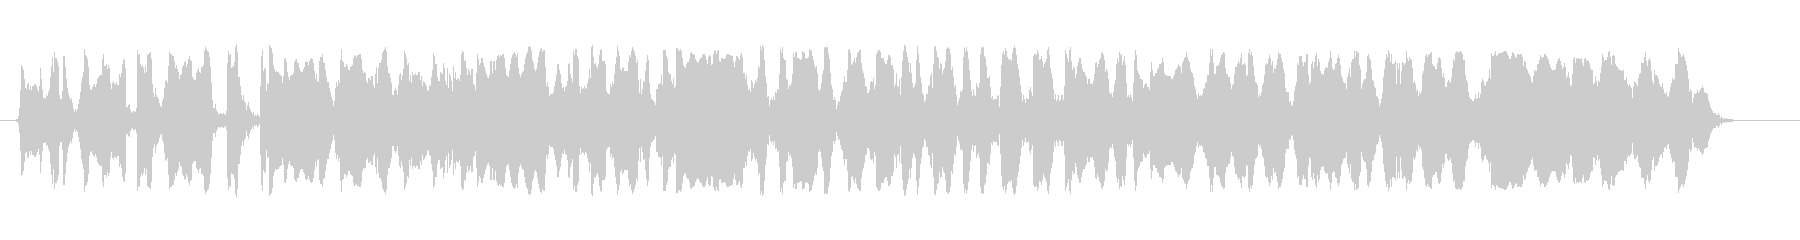 ウォーブリングモンキースクイール、...の未再生の波形